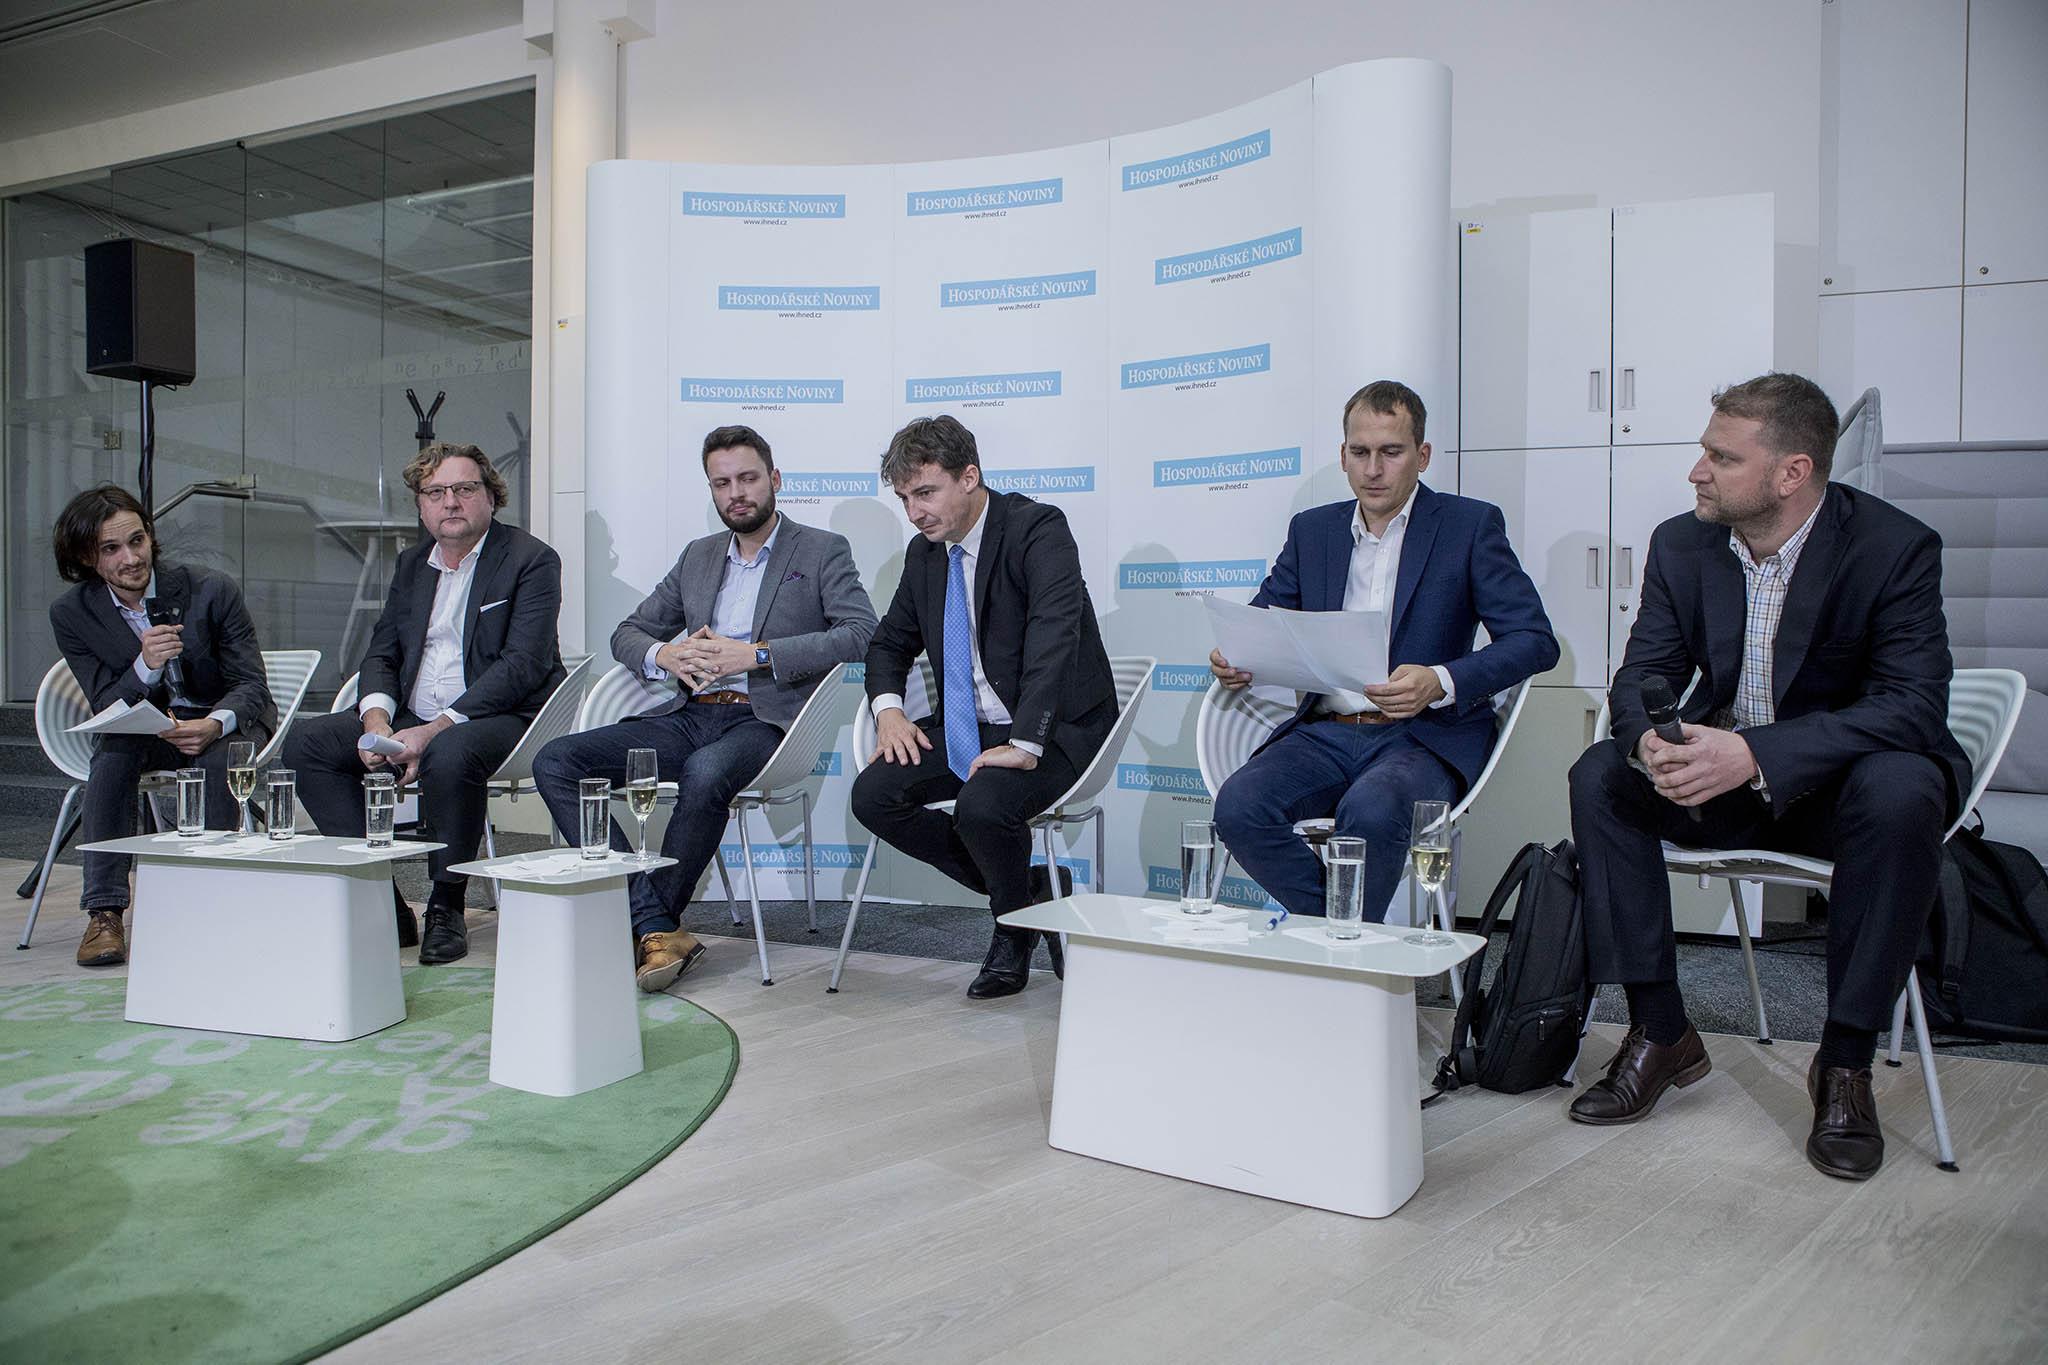 Debaty se zúčastnili (zprava) Tomáš Murňák (piráti), Jan Čižinský (Praha sobě), Tomáš Portlík (ODS), Ondřej Prokop (ANO) aPetr Hlaváček (Spojené síly pro Prahu) amoderoval ji redaktor Adam Váchal.